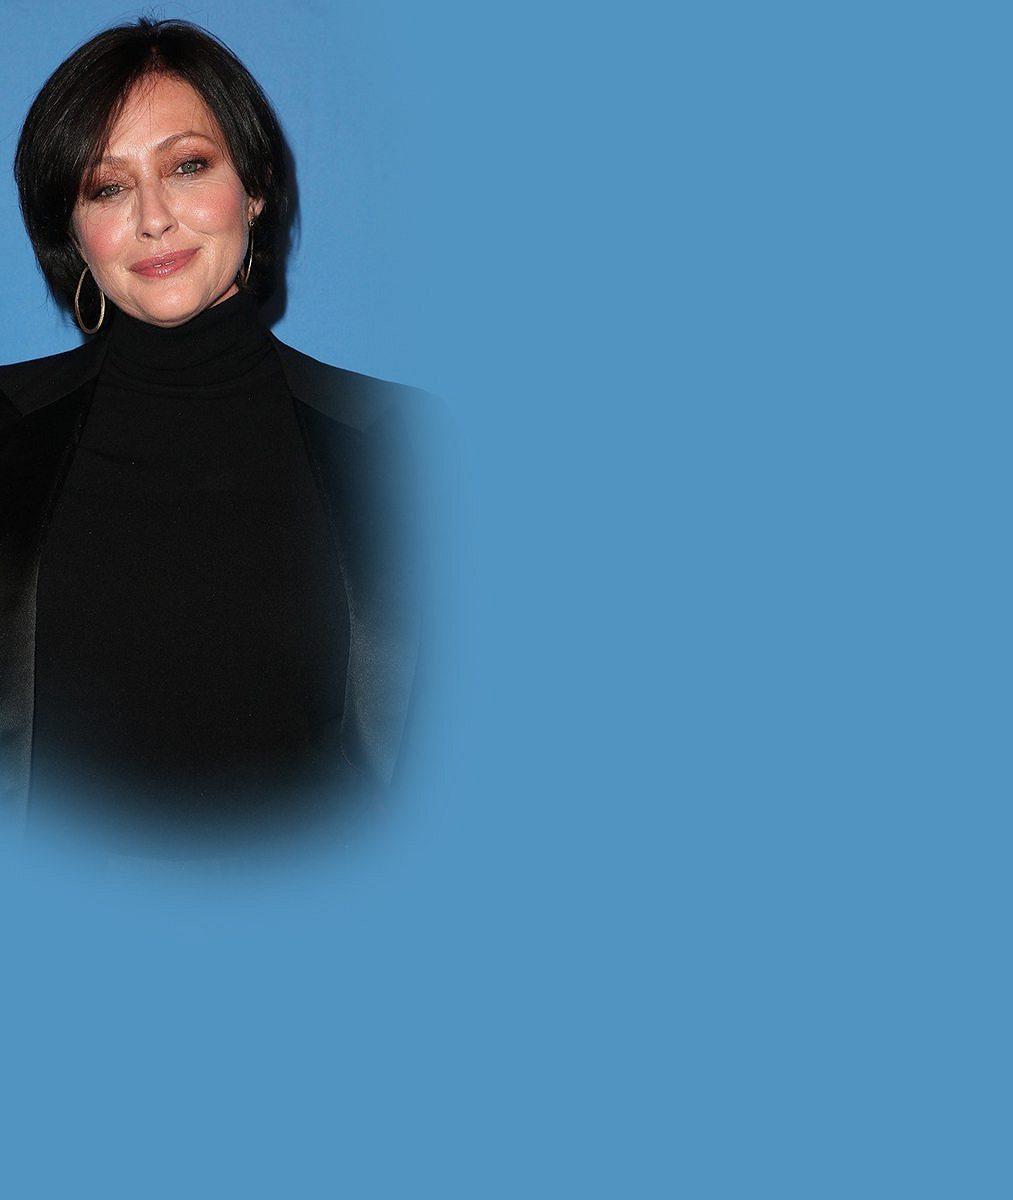 Shannen Doherty popsala, jak zvládá natáčení Beverly Hills 90210po bojích srakovinou: Už to nikdy nebude stejné, svěřila